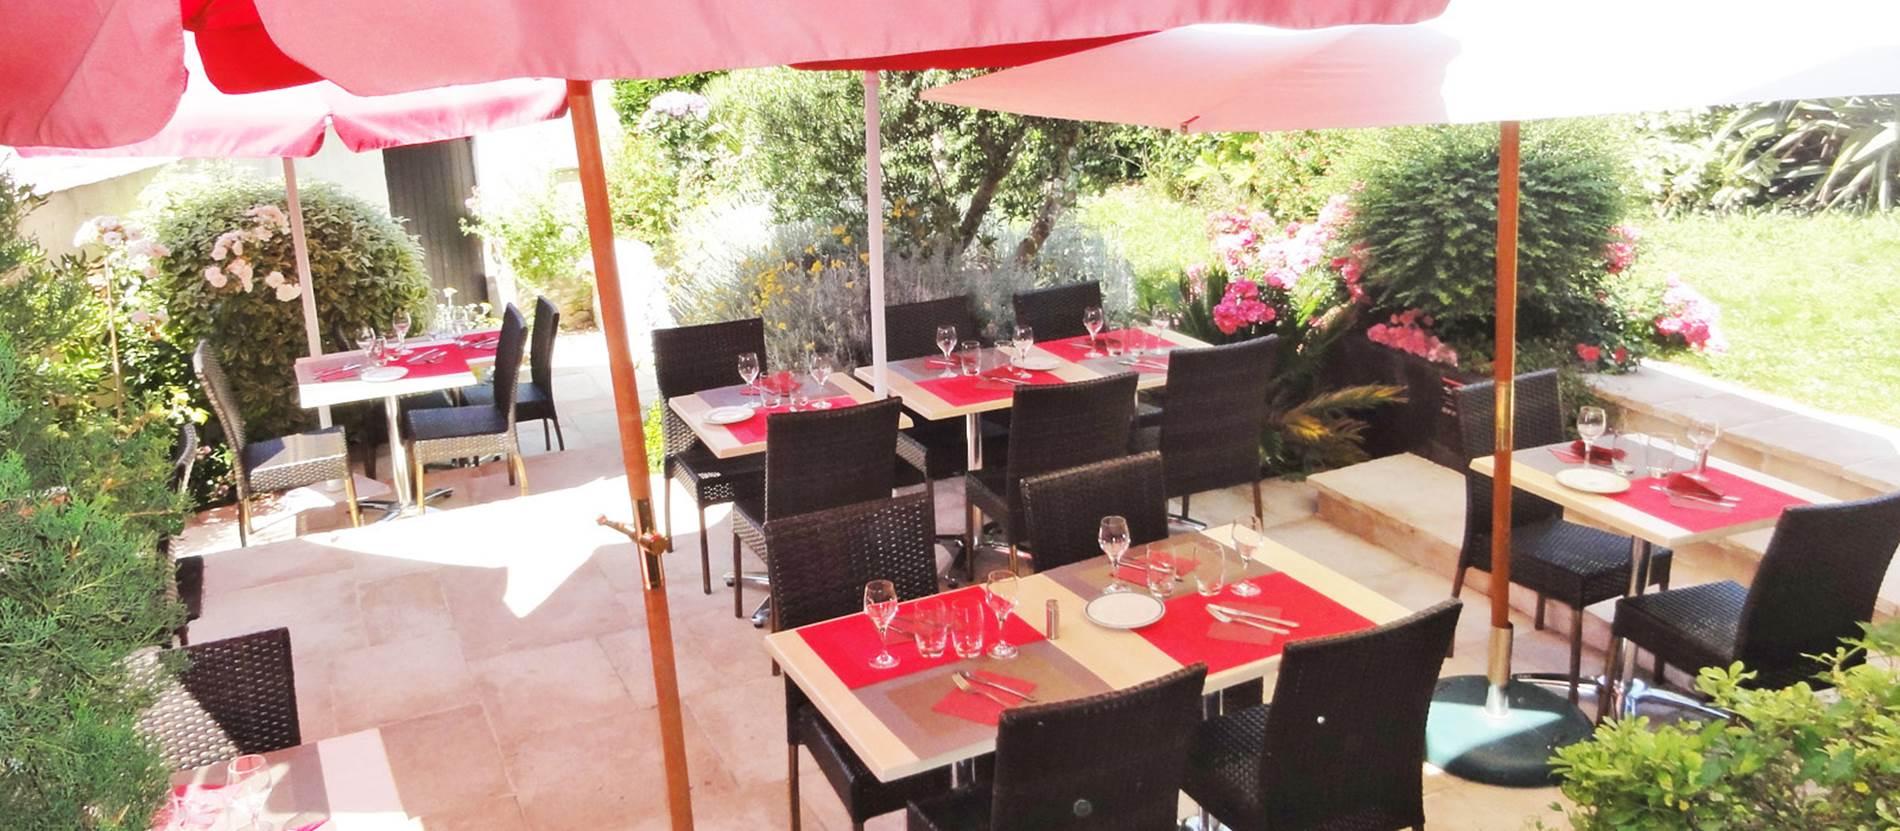 Restaurant-Au-Jardin-des-Sens-Hennebont-Morbihan-Bretagne-Sud © Restaurant Au Jardin des Sens - Hennebont